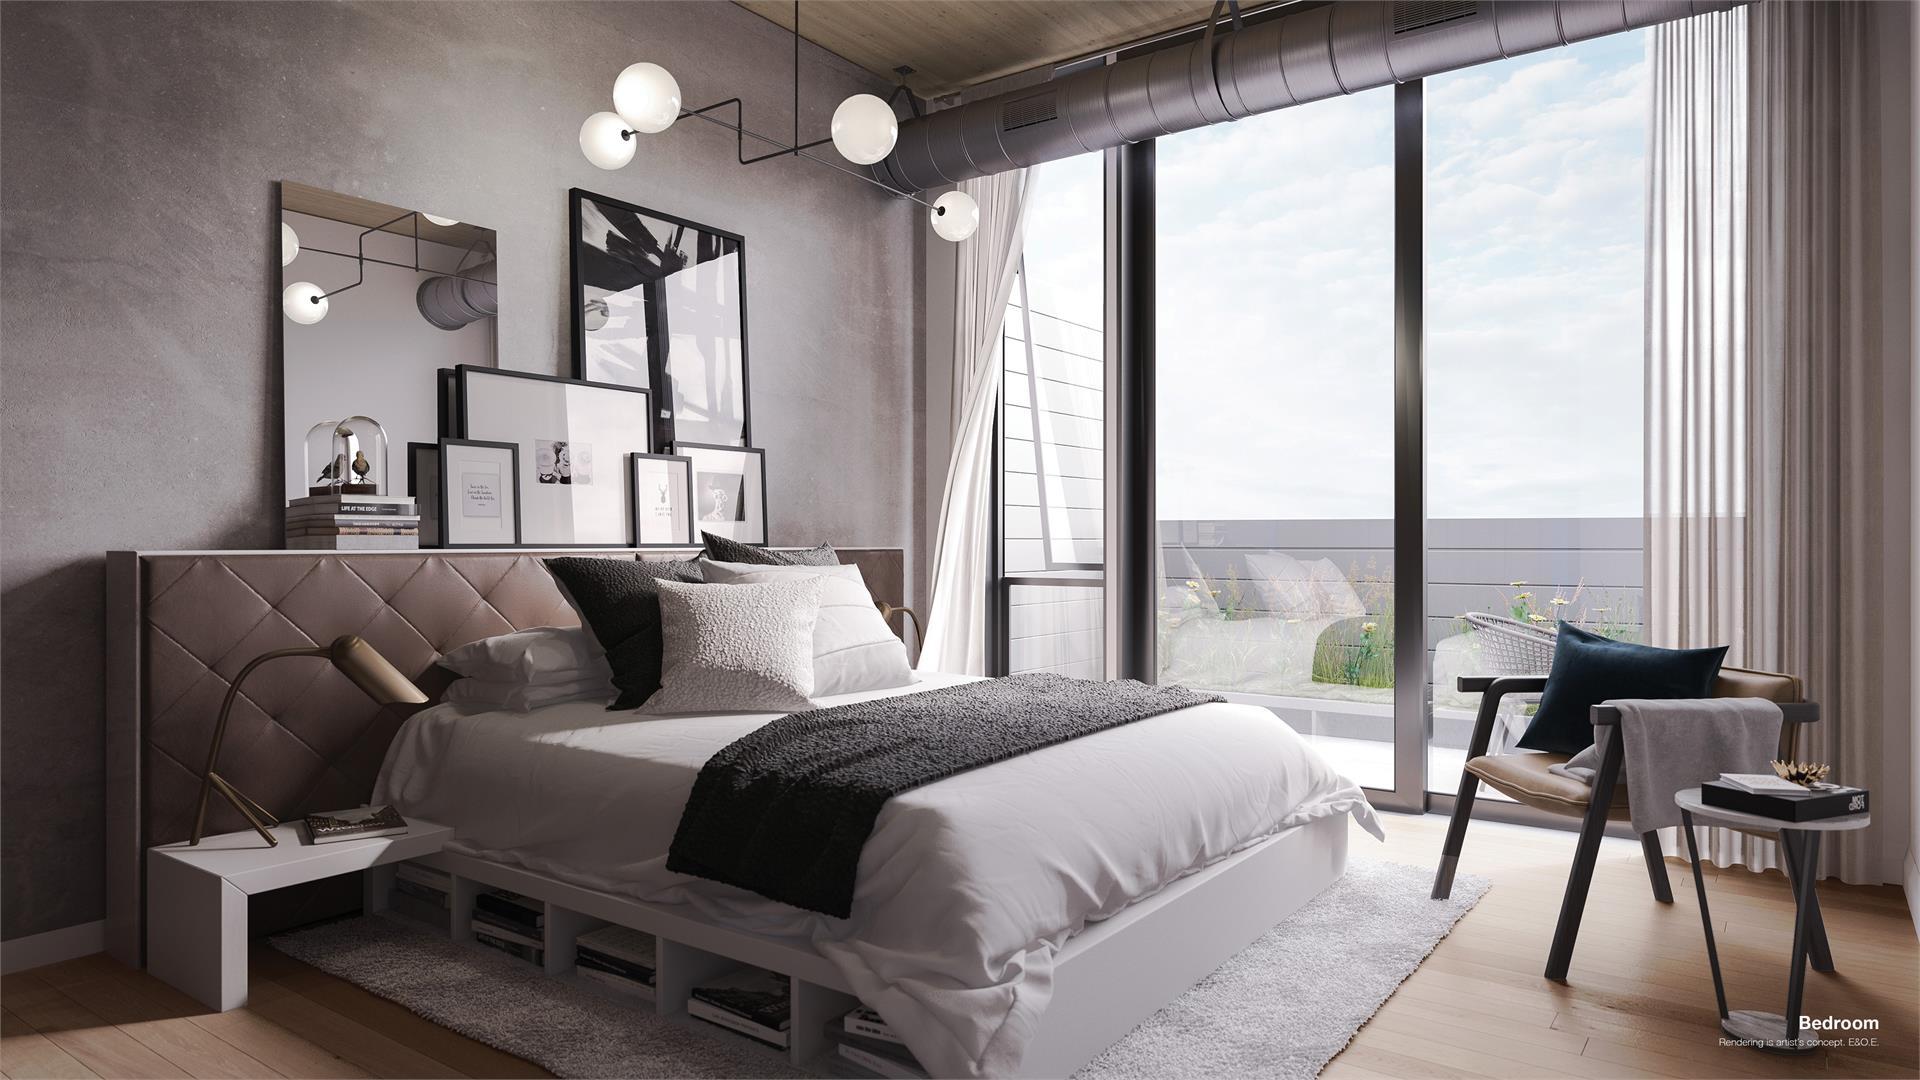 1001QueenEastLofts_Bedroom